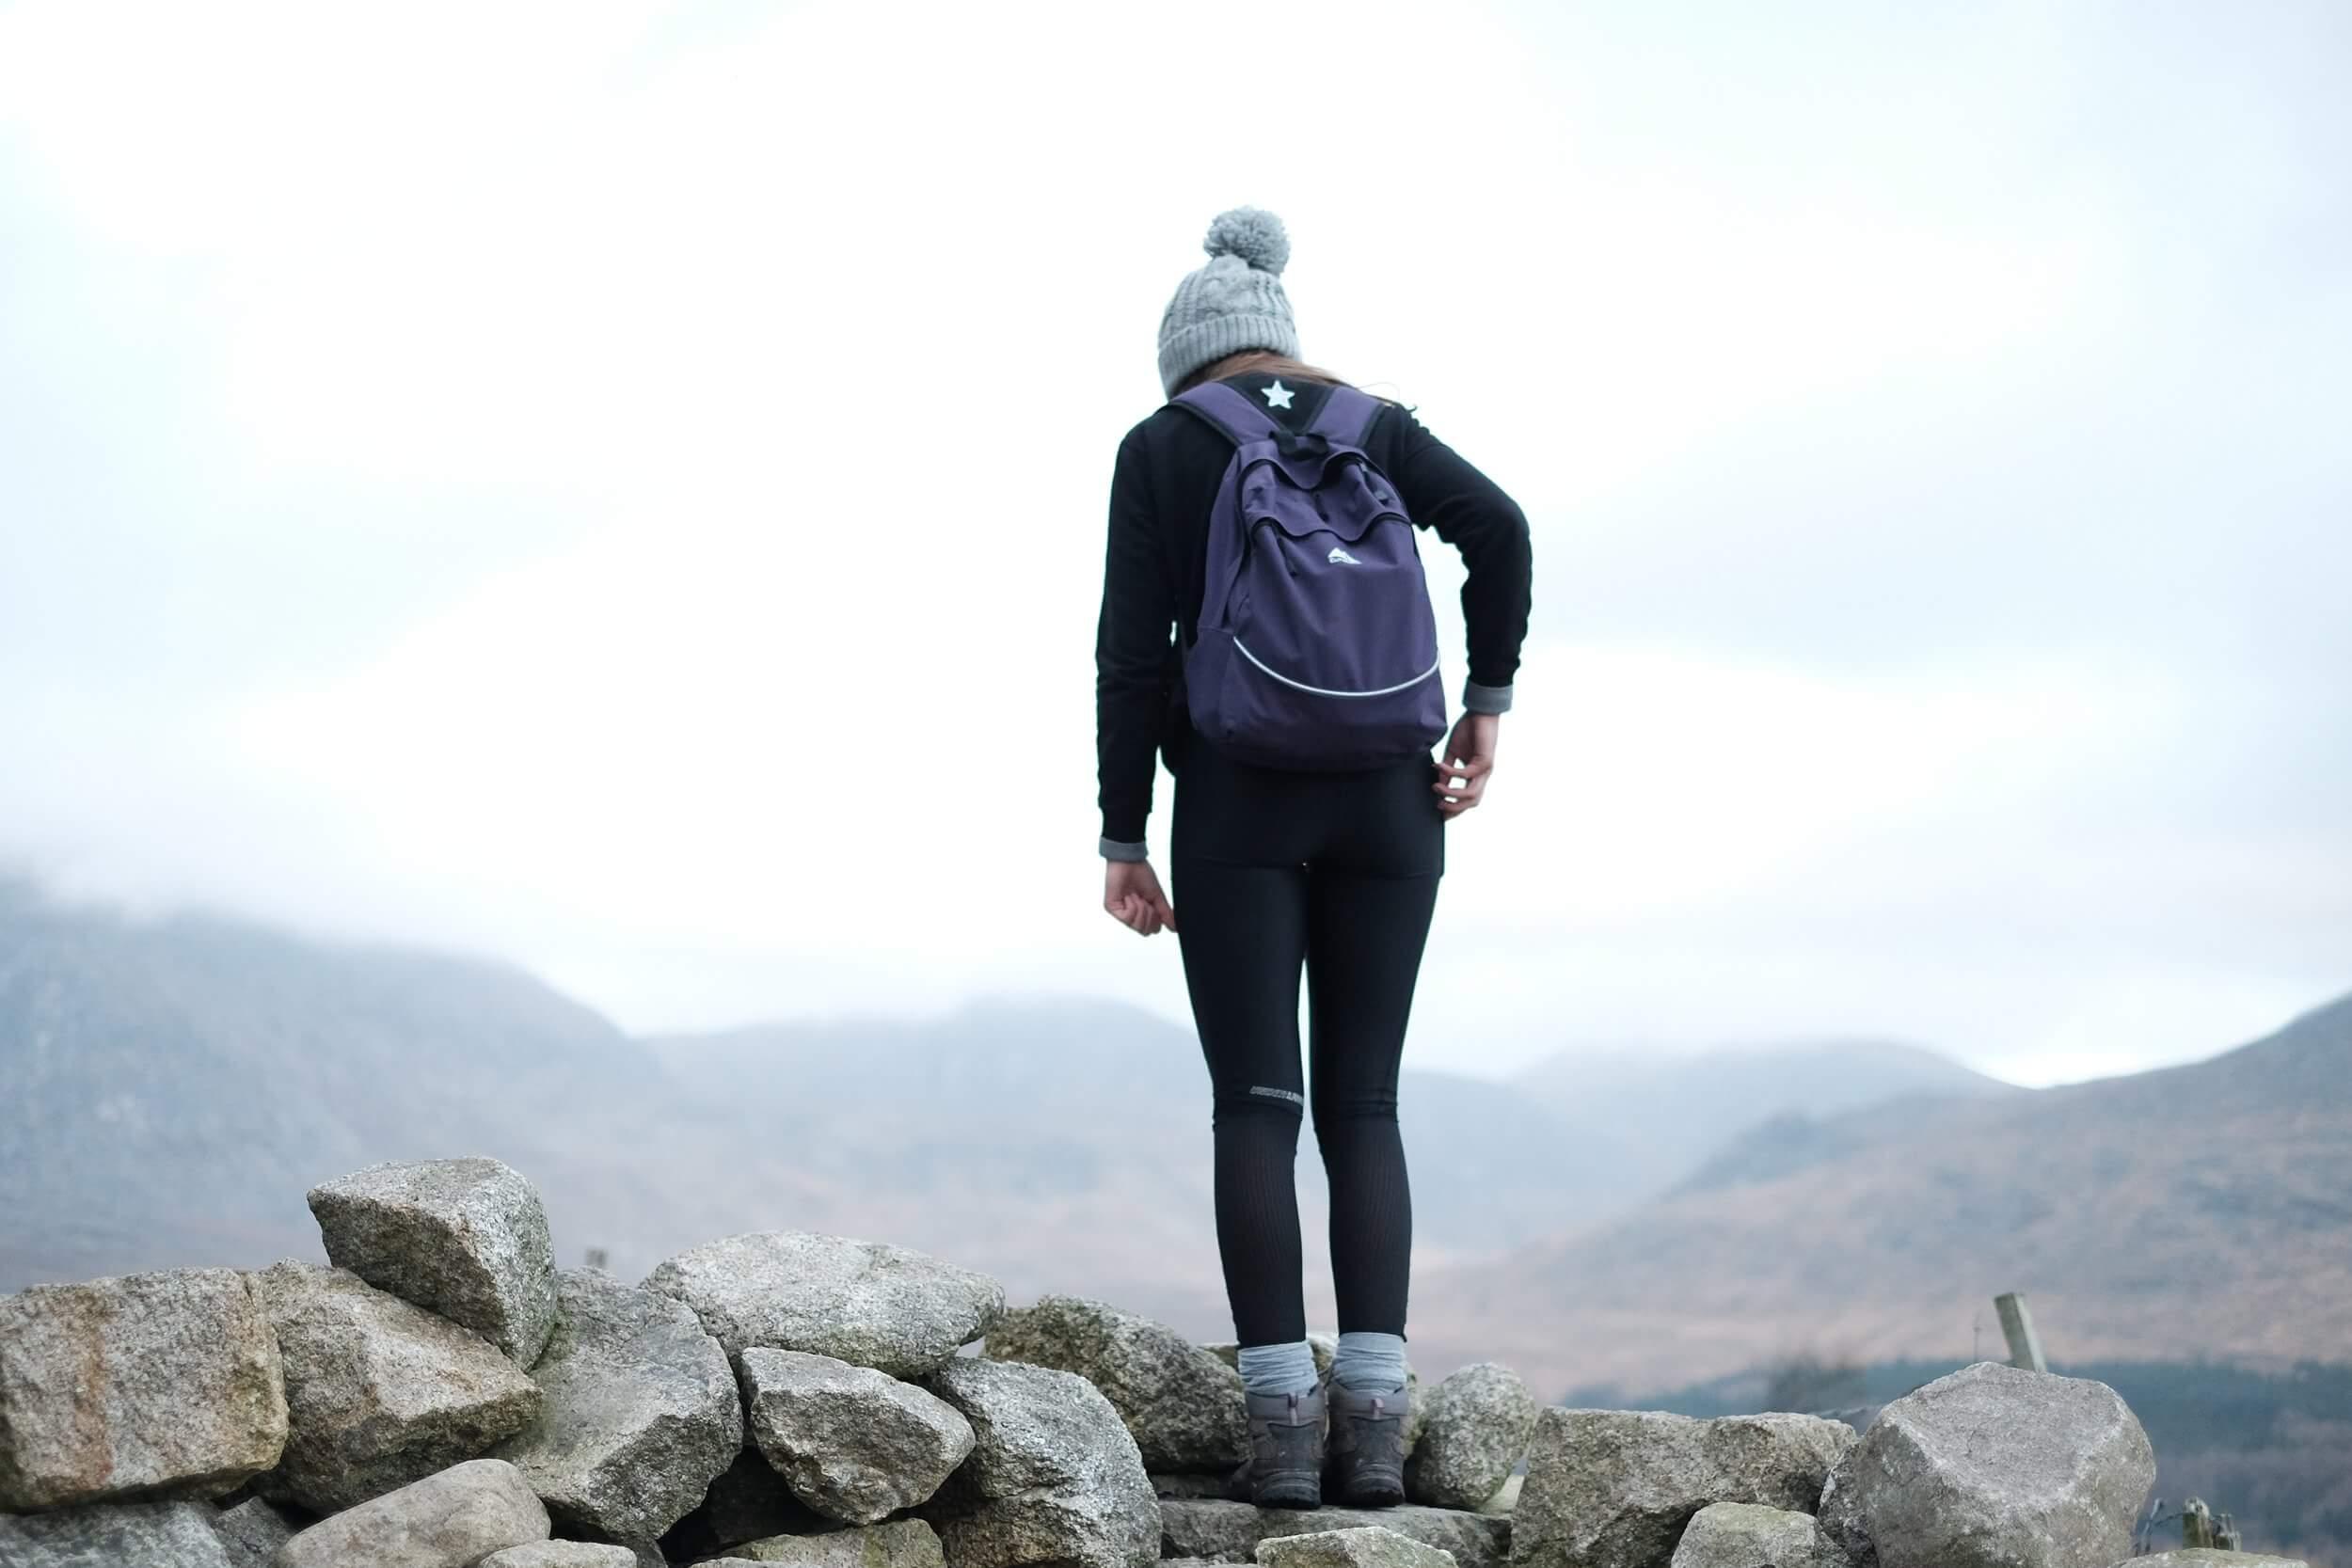 8 reasons to hike in adventure leggings